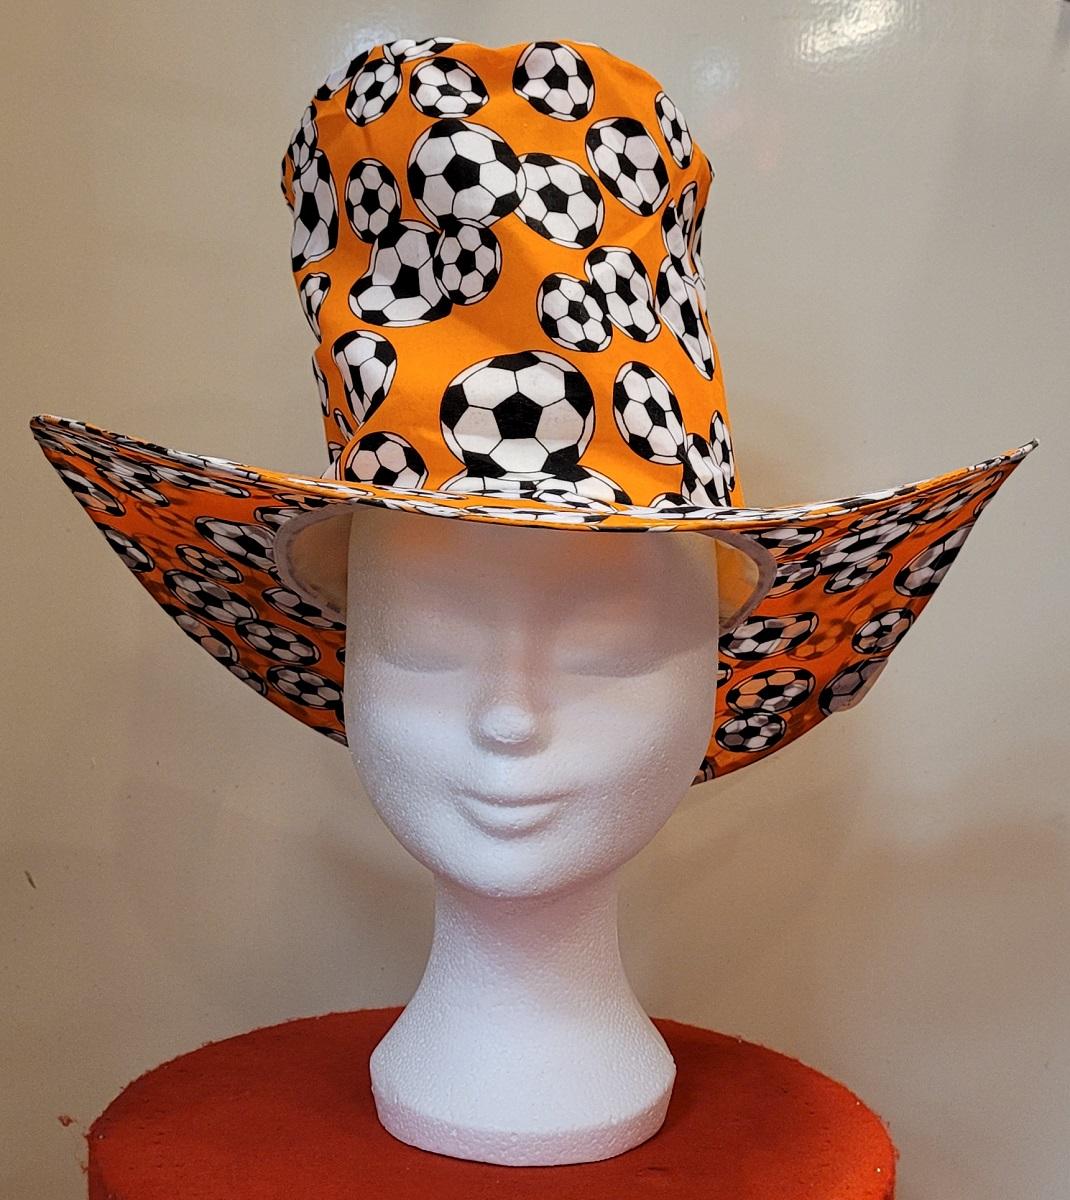 Oranje Zonnehoed met Voetbal